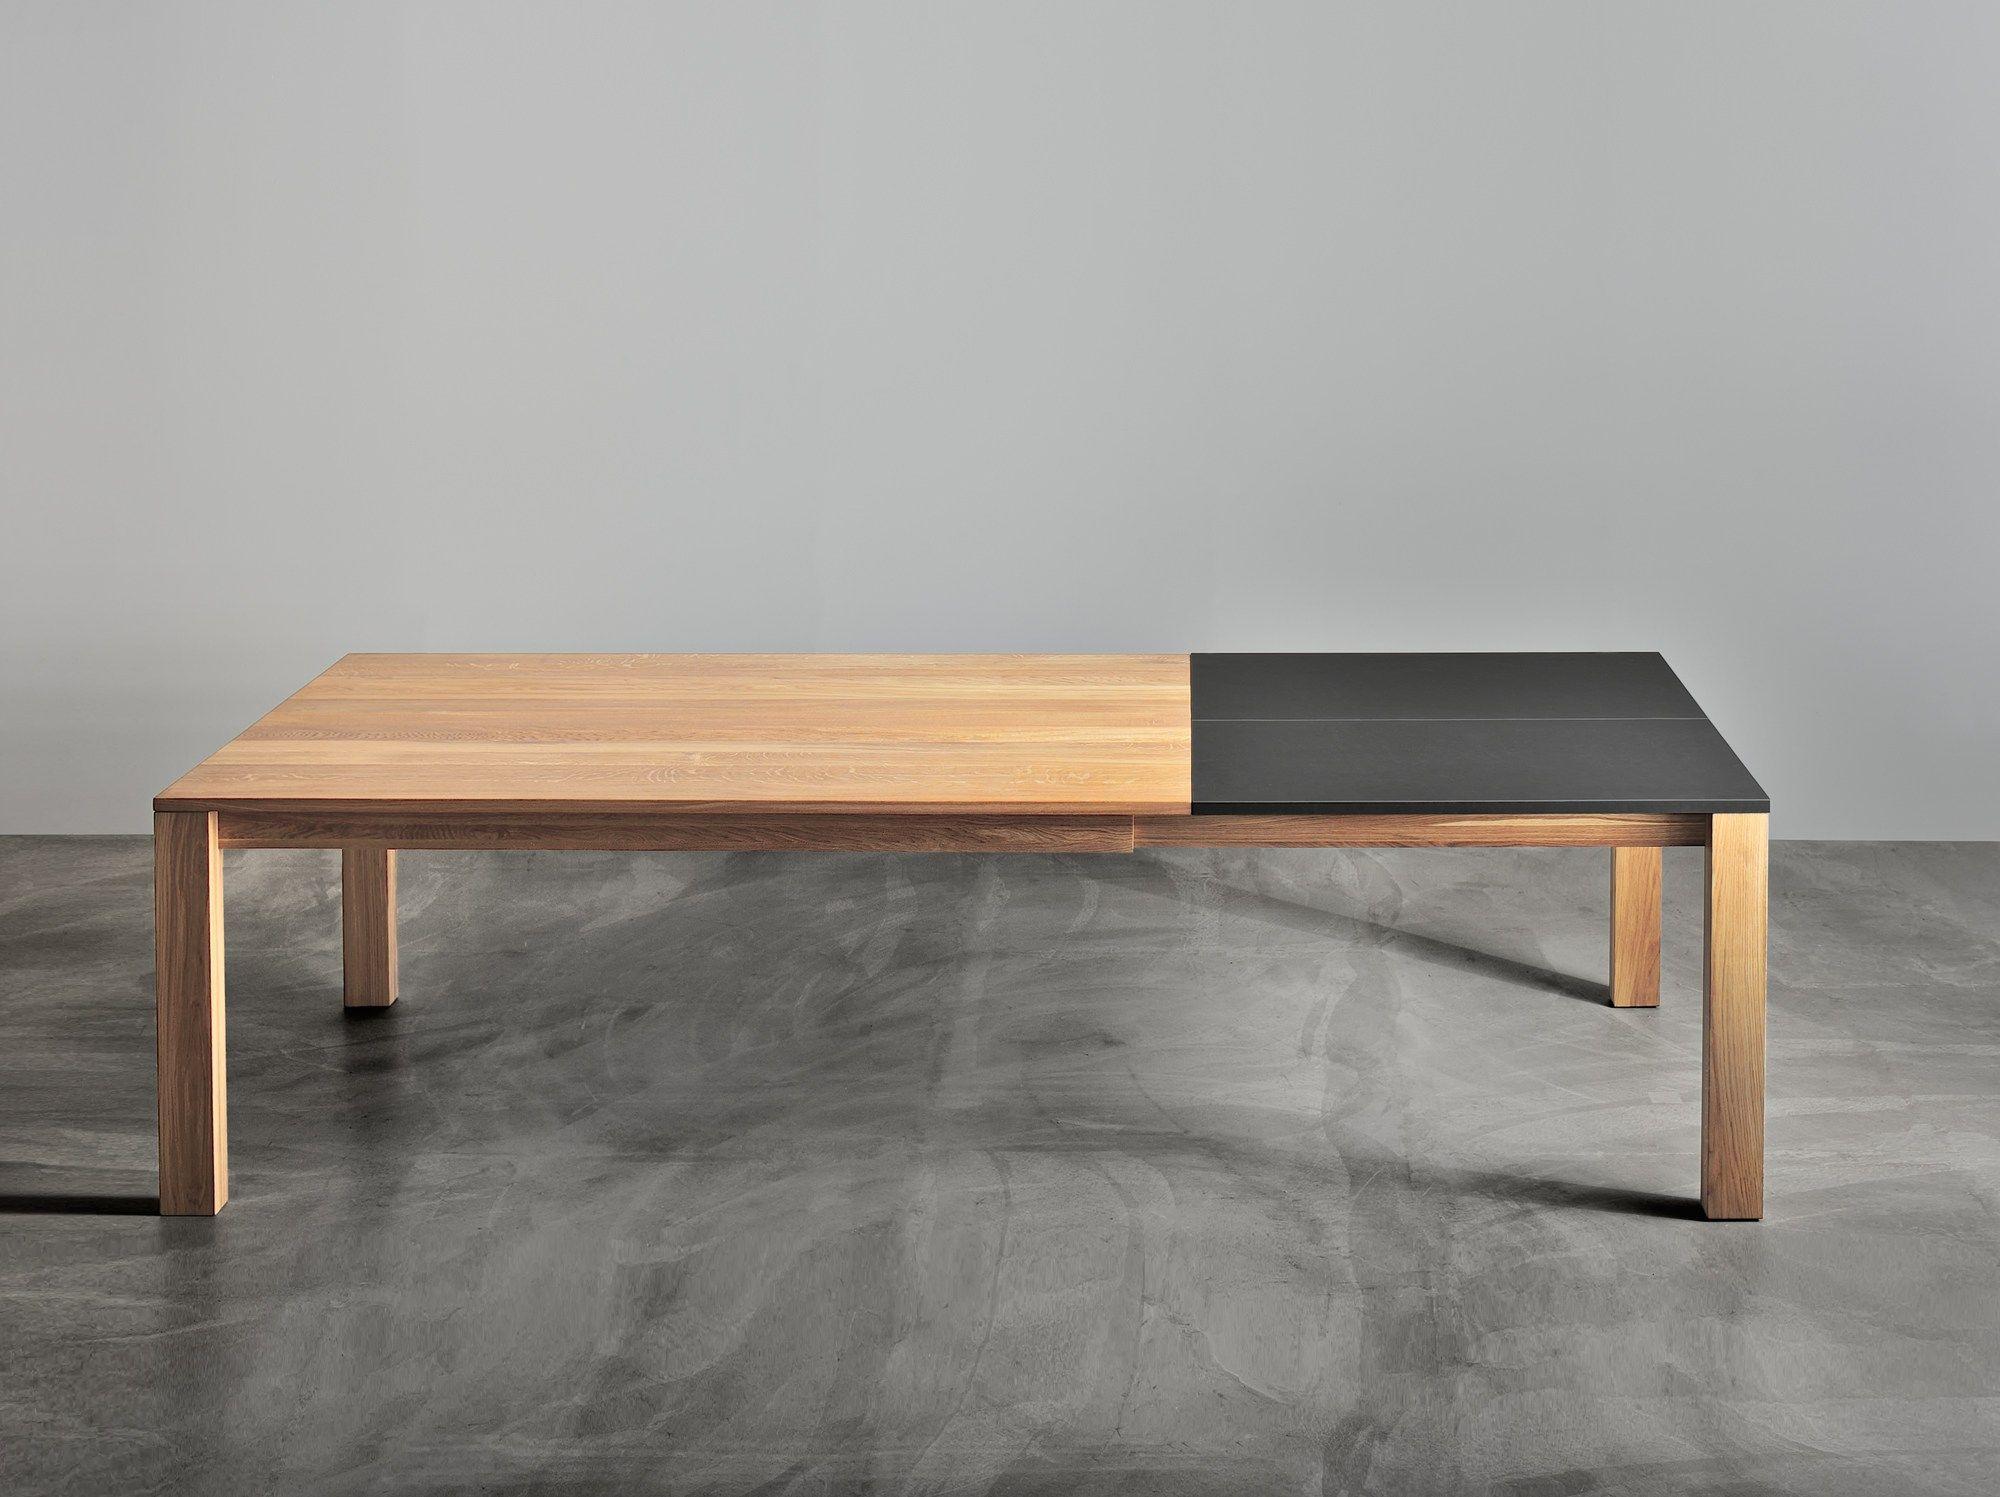 tavoli | prodotti vitamin design | archiproducts - Tavolo Allungabile Design Moderno